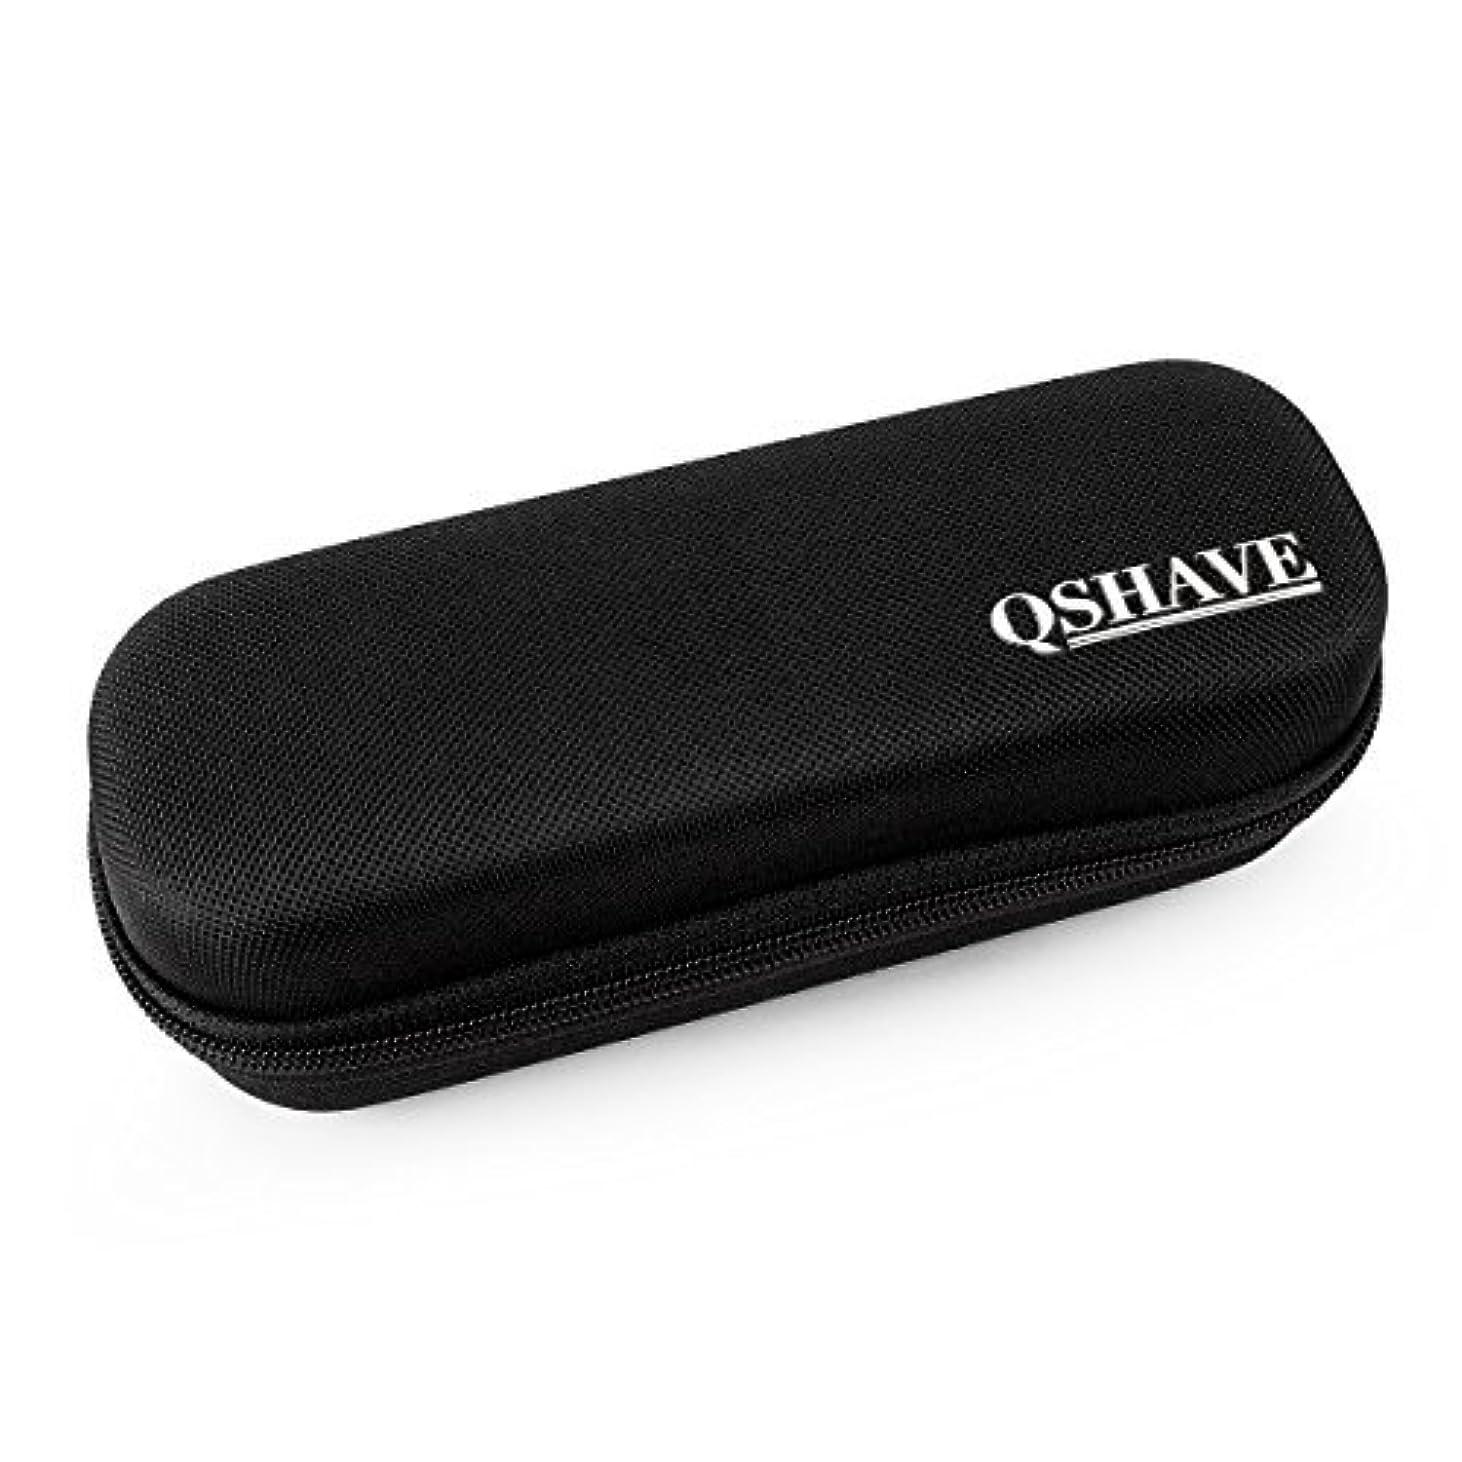 人工的な体操発表Norelco OneBladeハイブリッド電気トリマーシェーバー用QSHAVEハードトラベルケース、QP2520 QP2570旅行用収納オーガナイザーケースバッグ